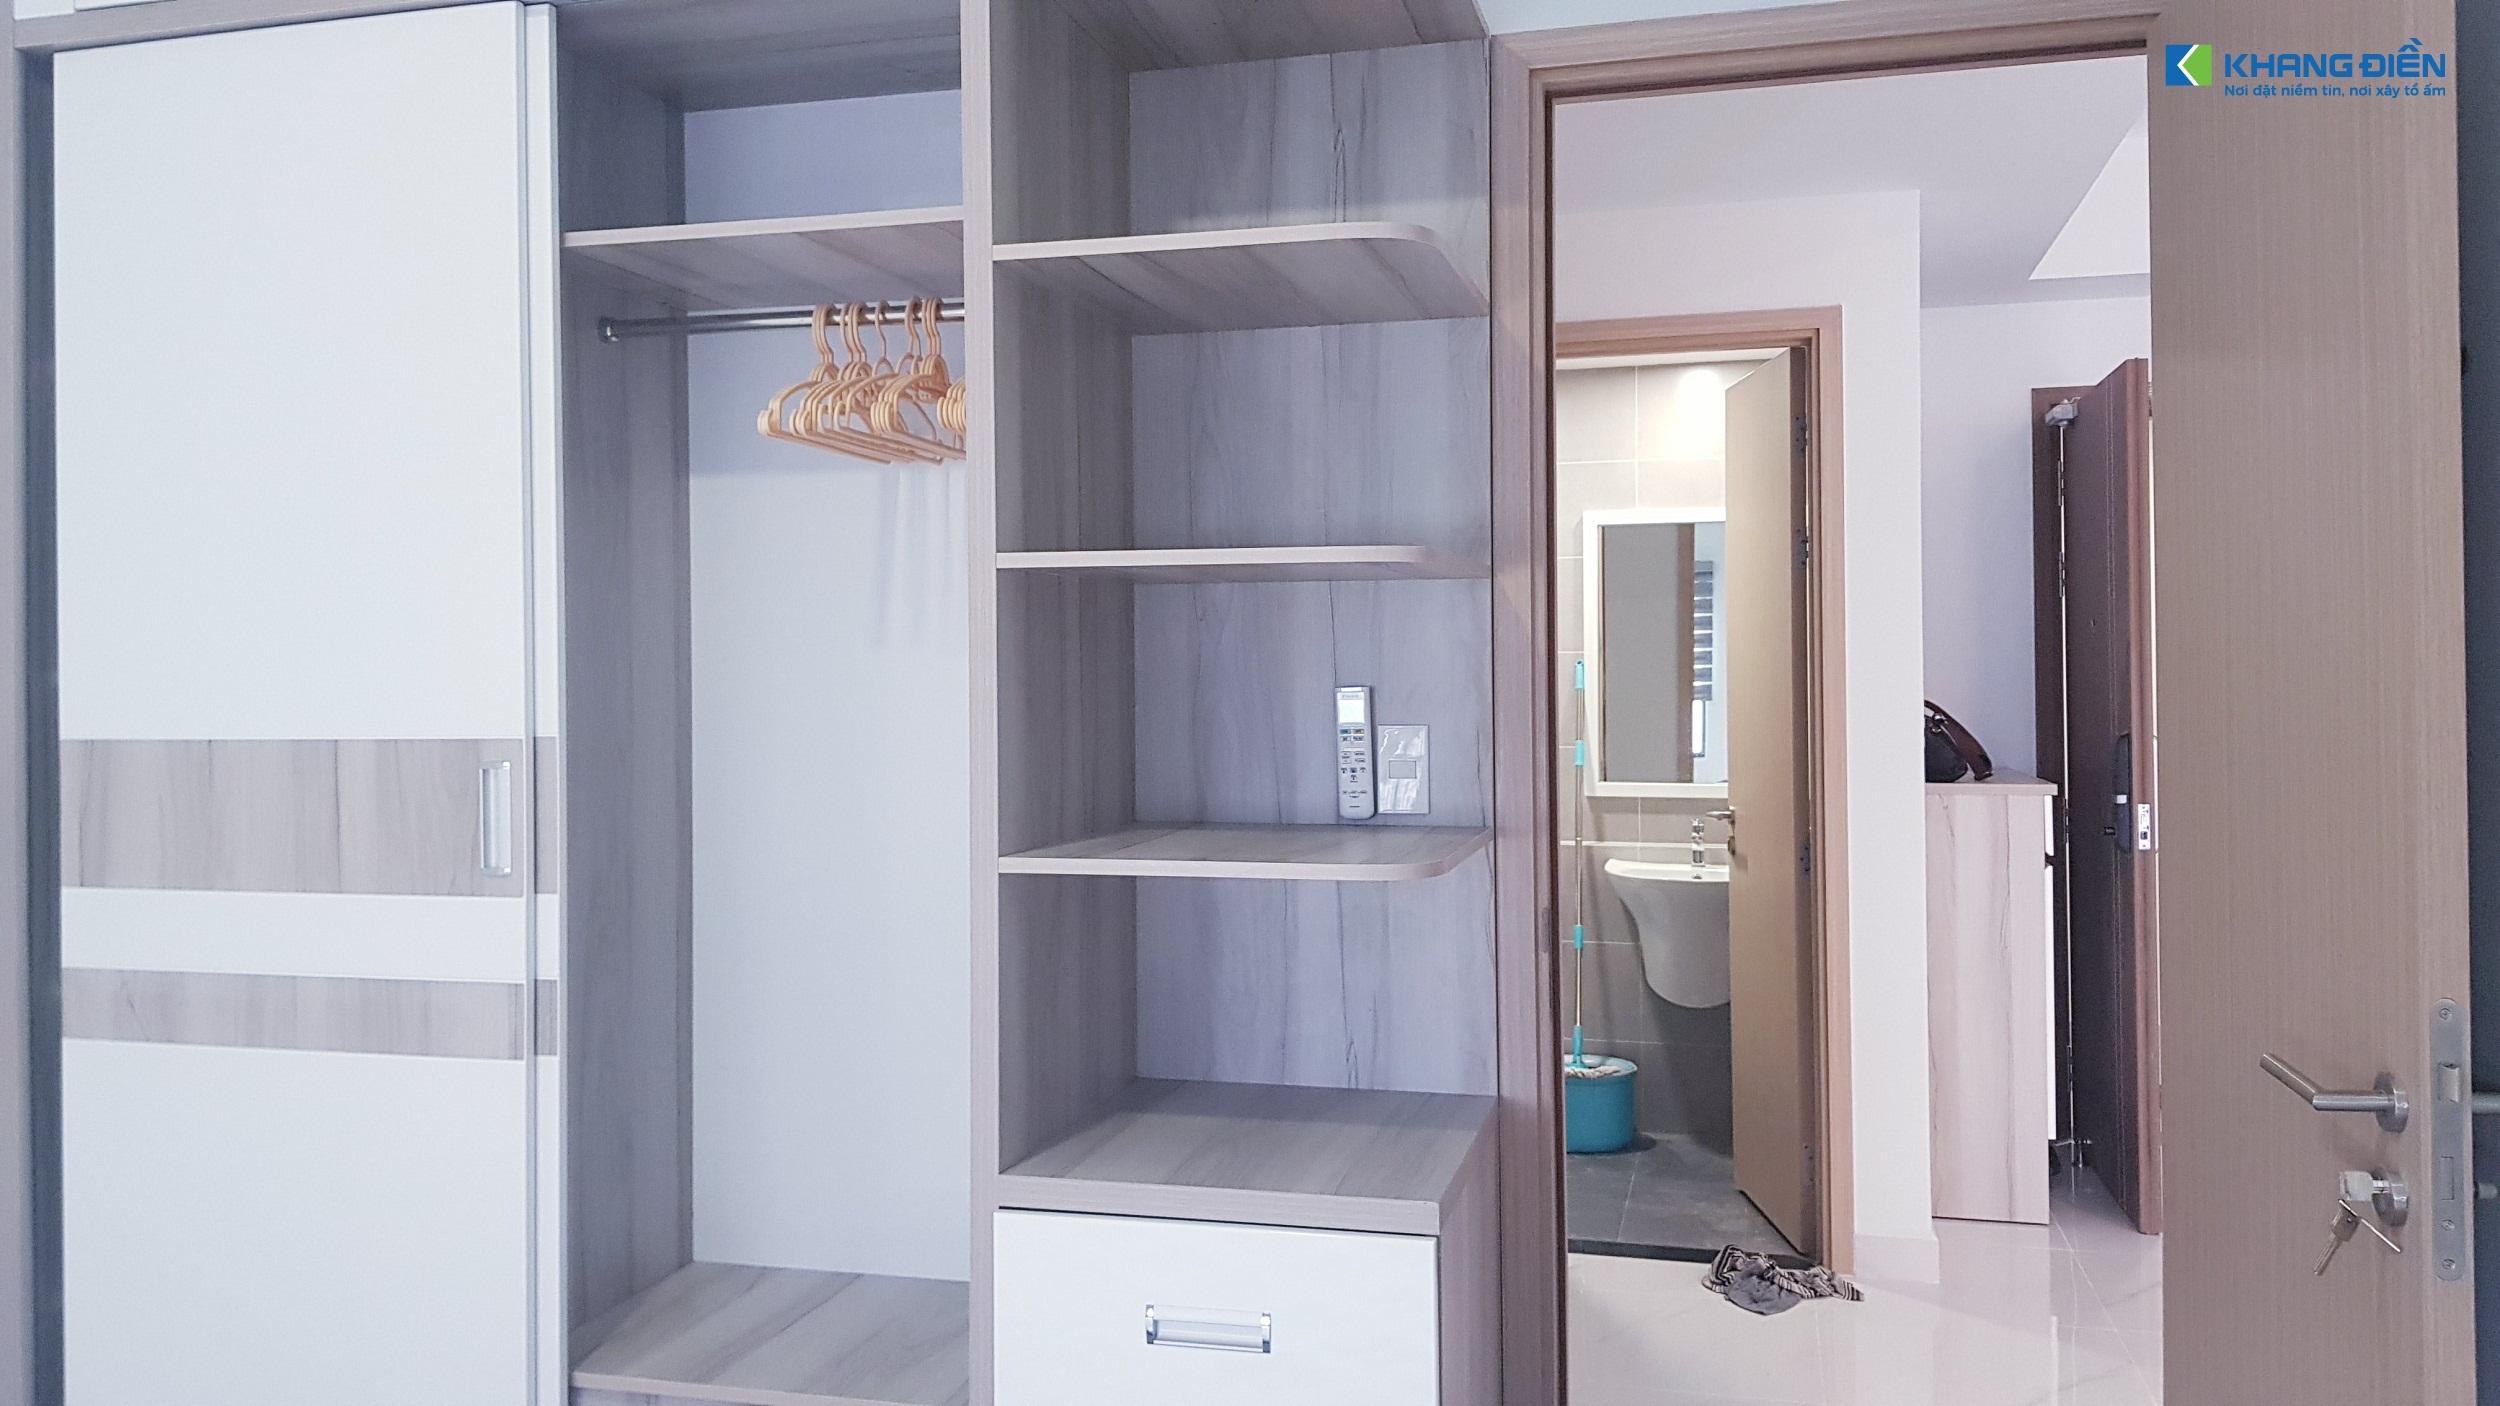 Một góc khác tại Phòng Ngủ căn hộ 52m2 Lovera Vista Khang Điền - Khang Điền HCM